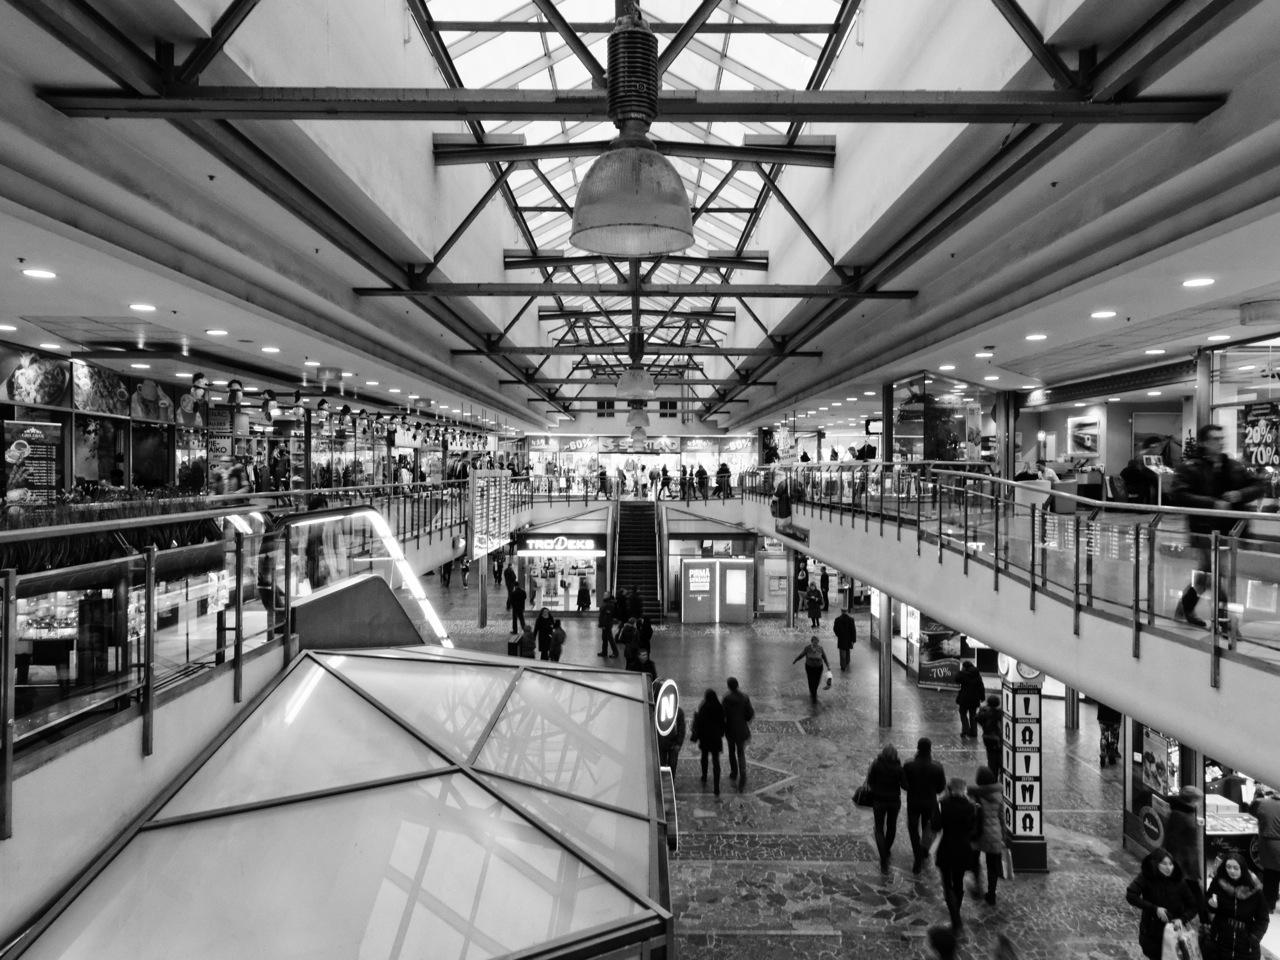 Bild: In einem der Einkaufszentrenten im Hauptbahnhof von Riga. OLYMPUS OM-D E-M5 mit M.Zuiko Digital 12-50 mm 1:3.5-6.3 EZ. ISO 800 ¦ f/9 ¦ 12 mm ¦ 1/10 s ¦ kein Blitz. Klicken Sie auf das Bild um es zu vergrößern.